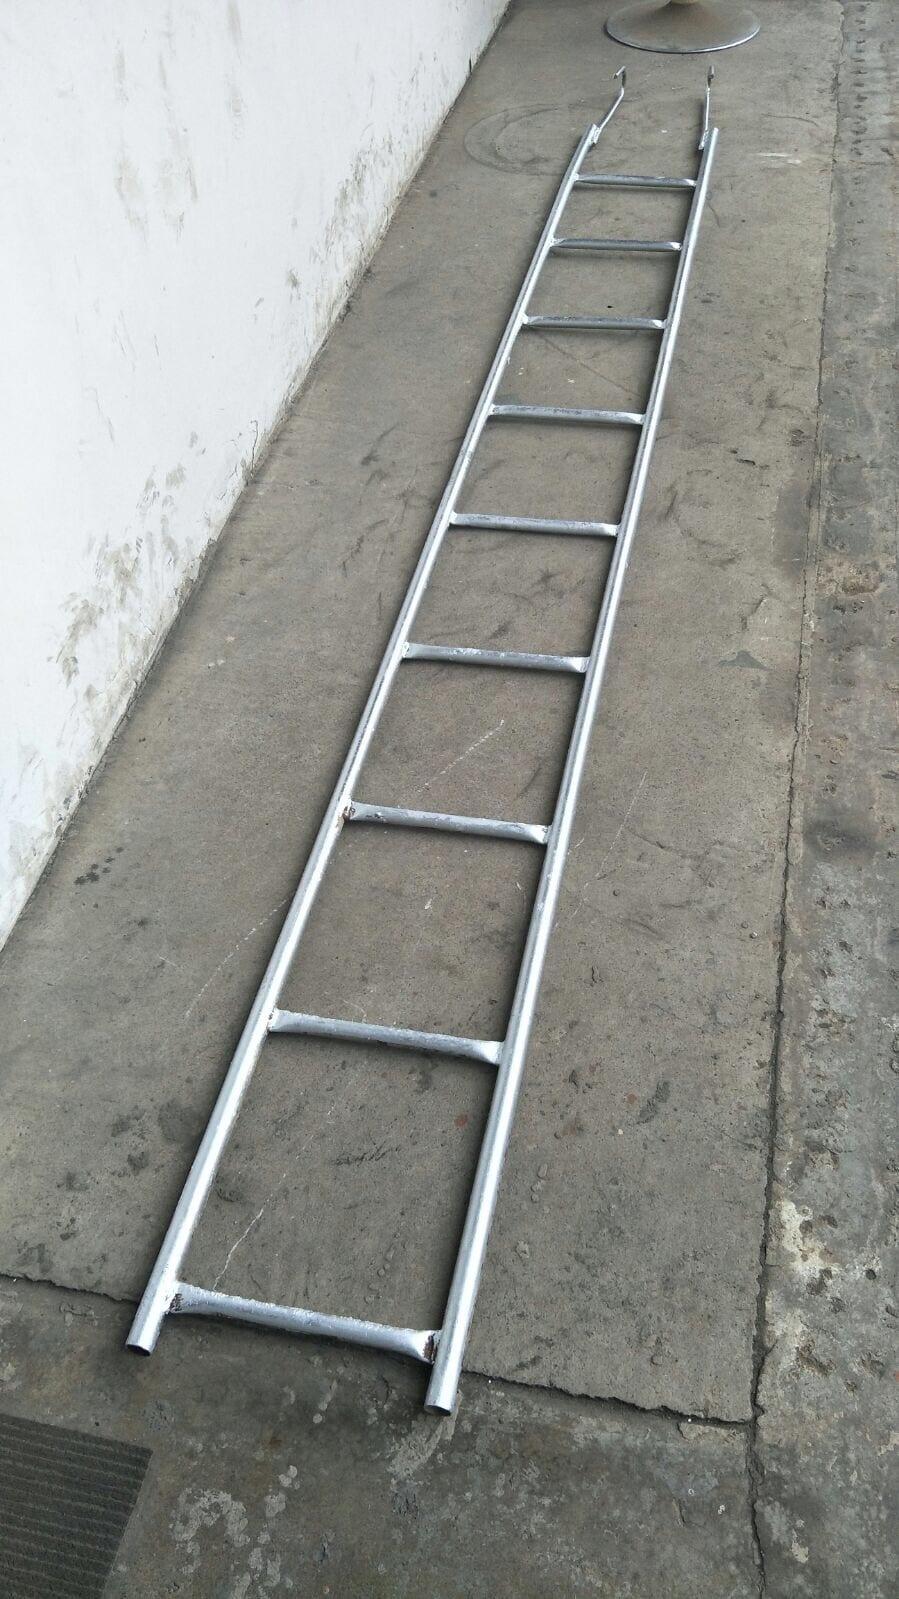 Monkey Ladder Singapore Used Equipment Marketplace